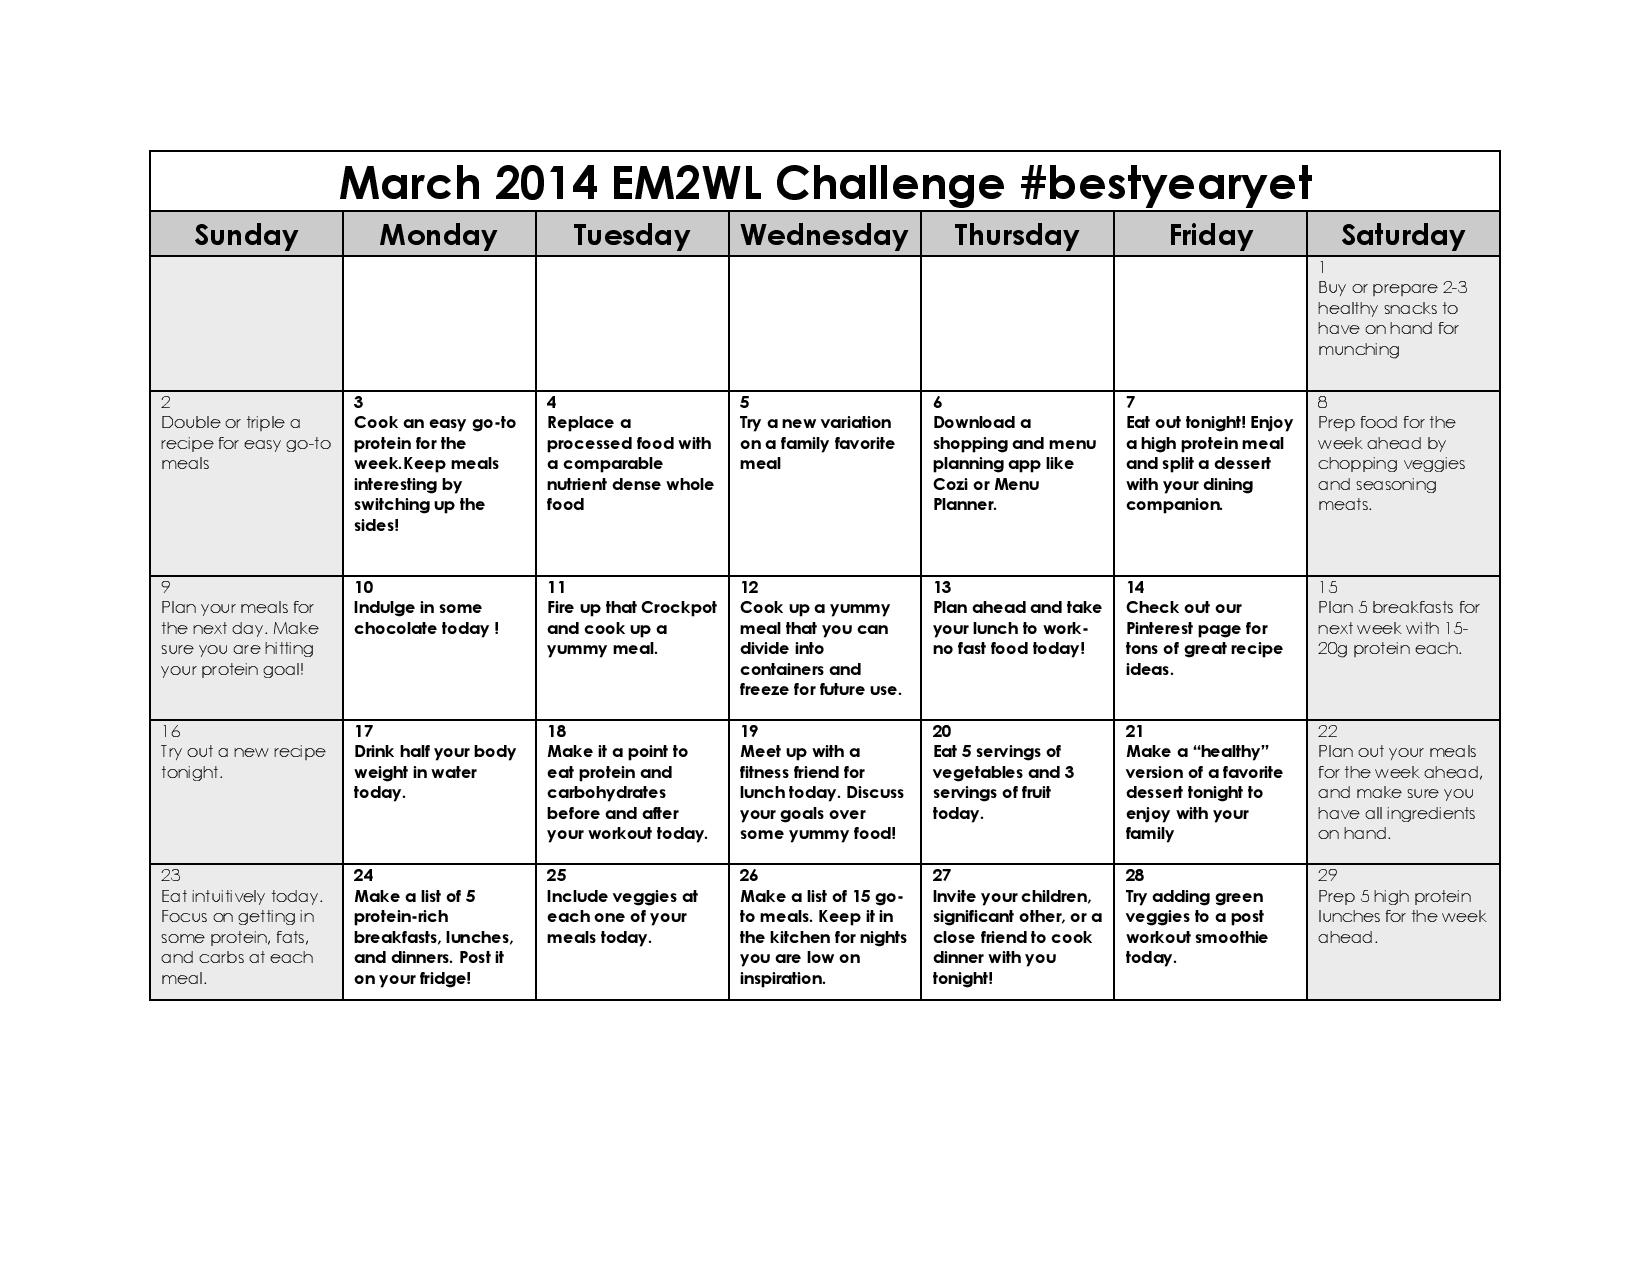 March Menu Planning Challenge